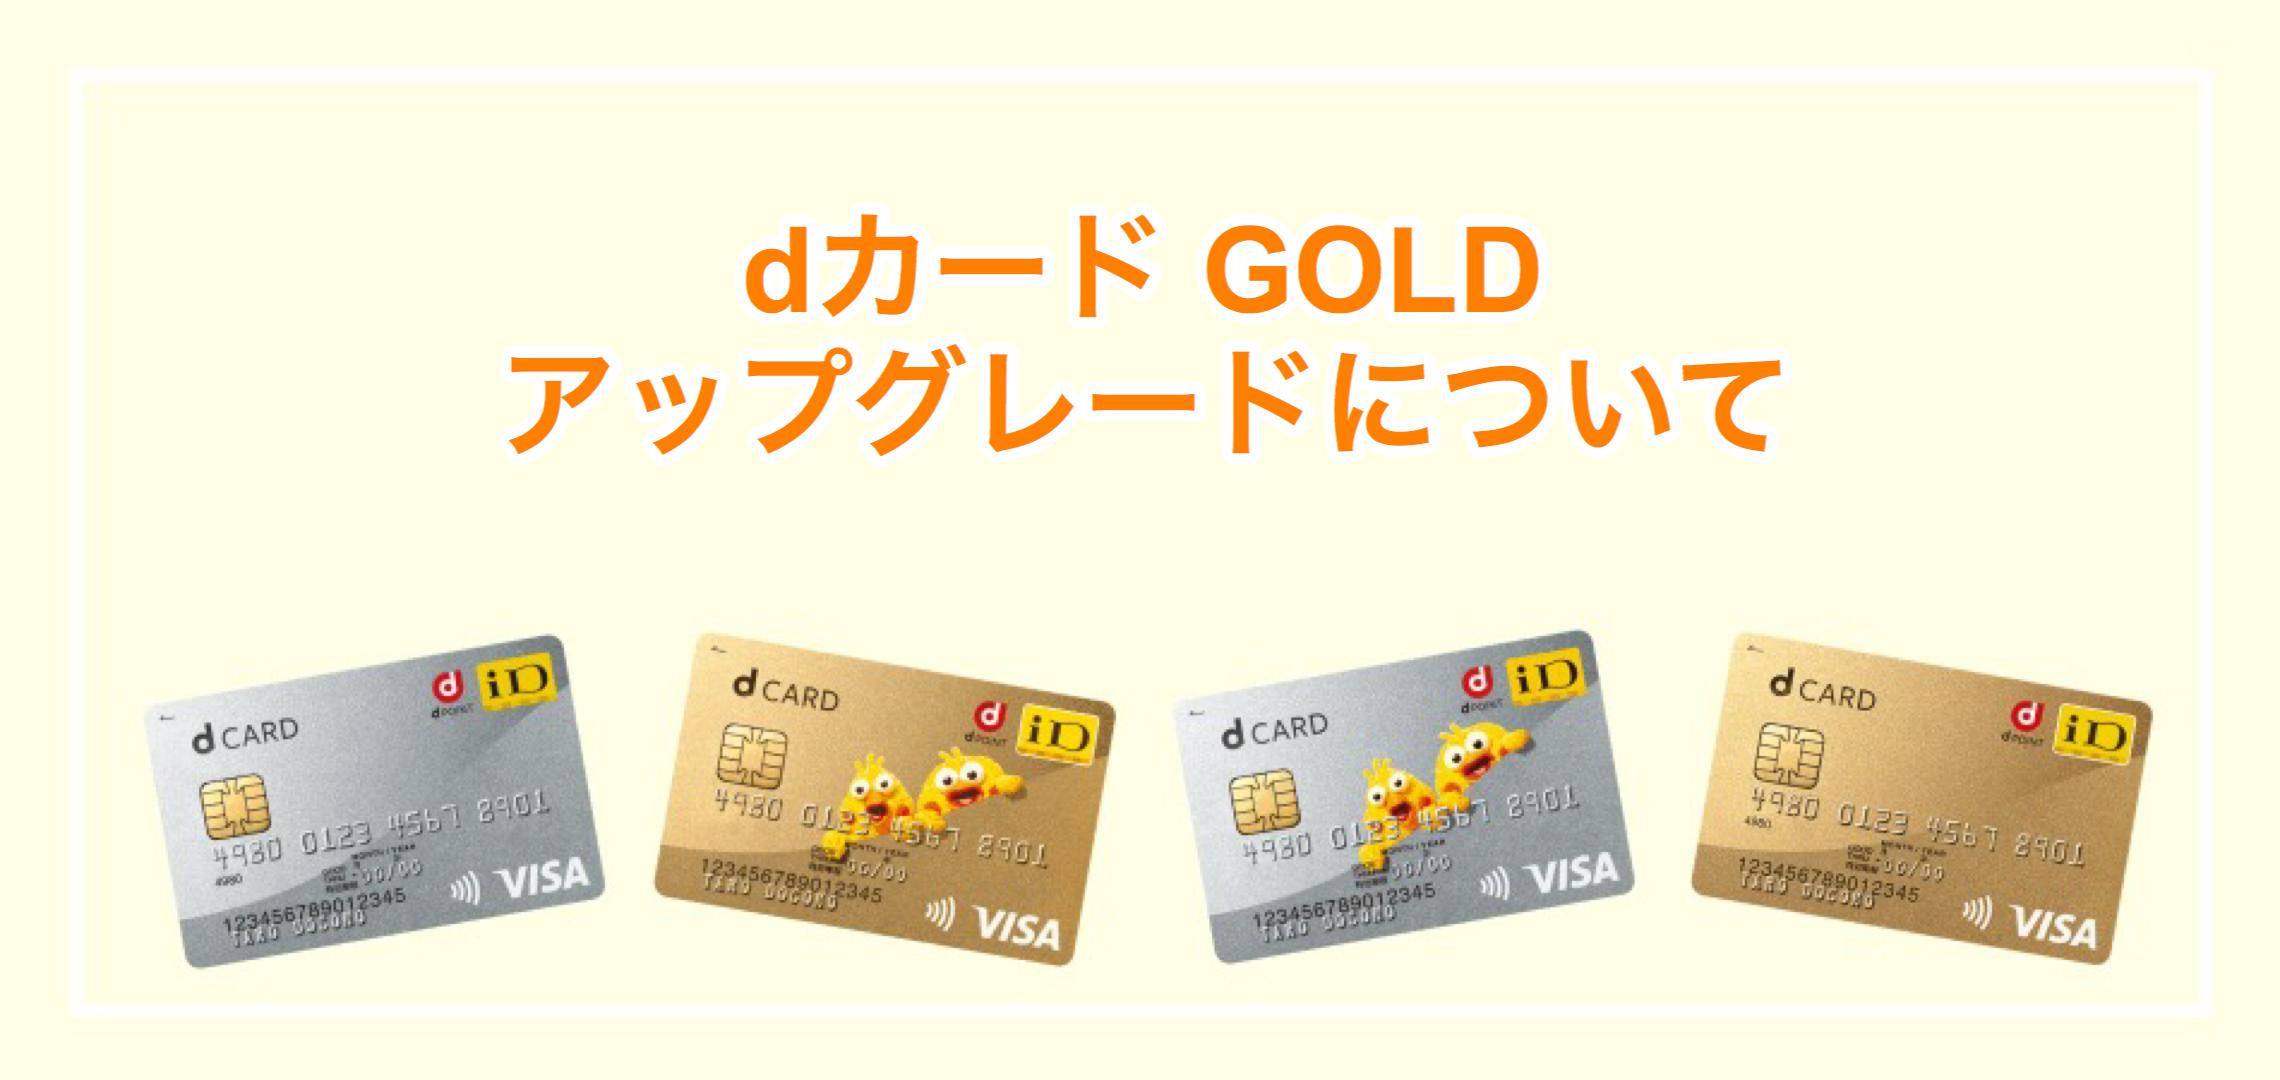 dカード GOLD アップグレードについて